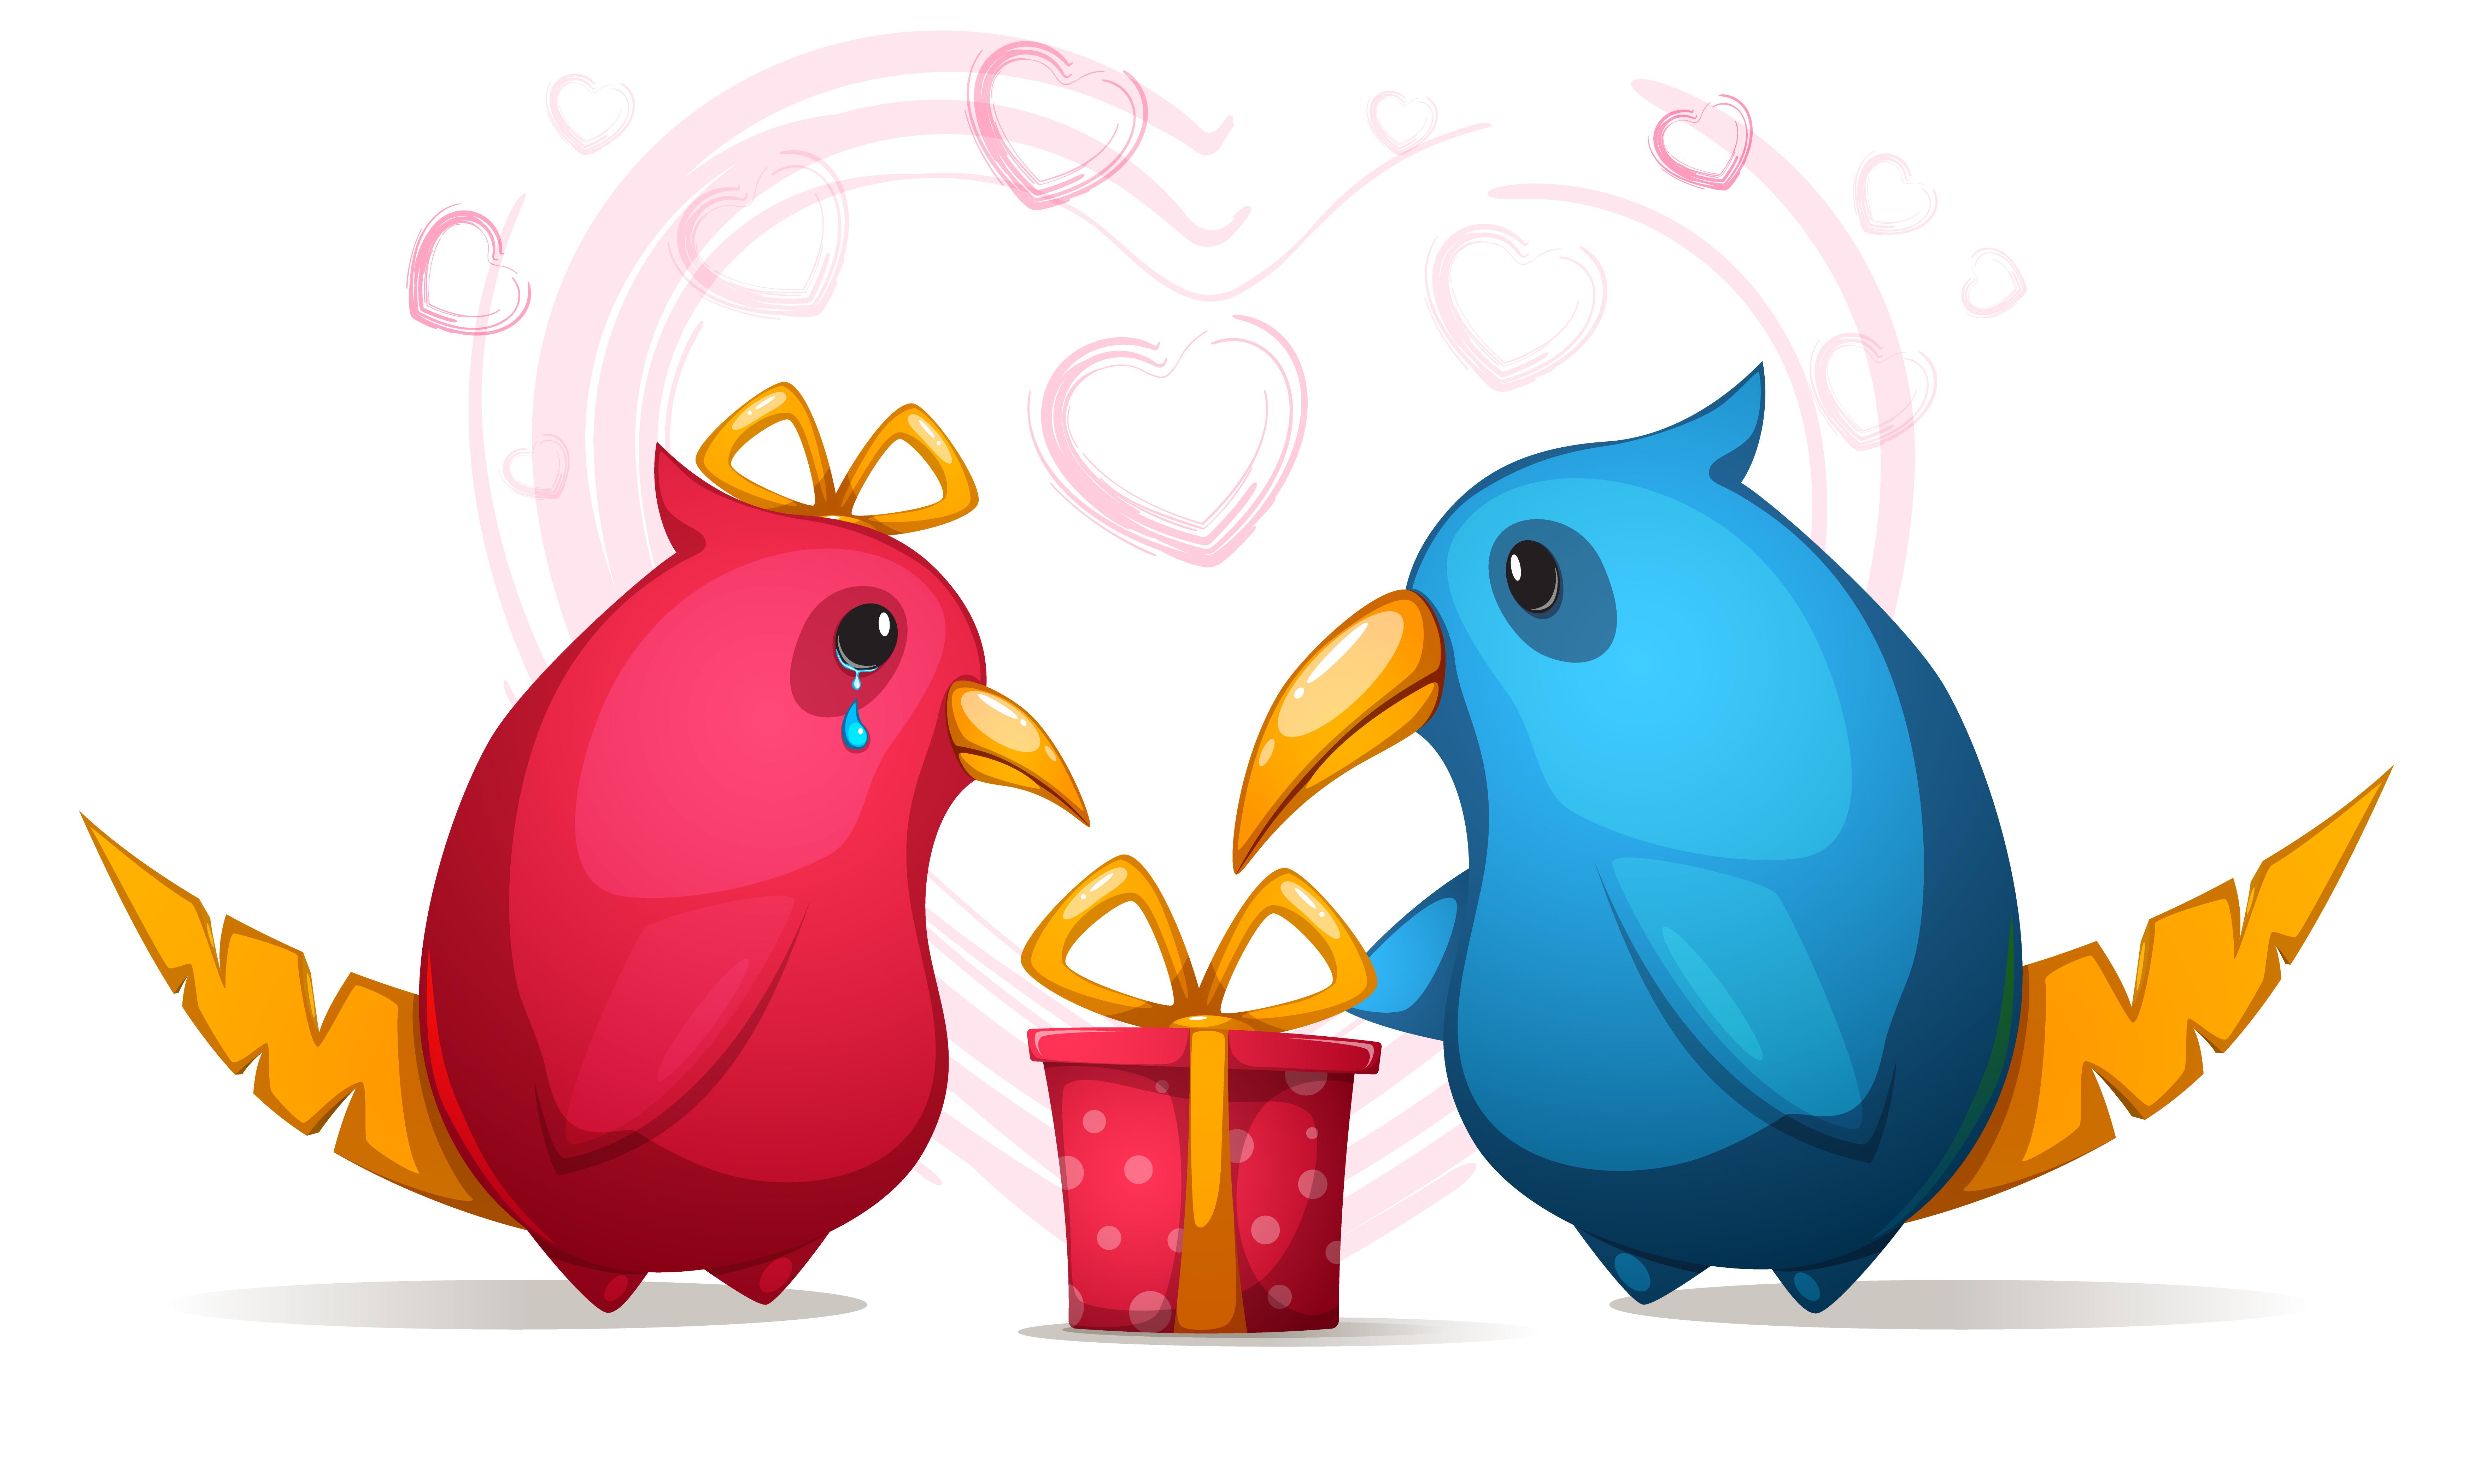 Deux Dessin Anime Drole Oiseau Mignon Avec Un Grand Bec Cadeau Pour Fille Telecharger Vectoriel Gratuit Clipart Graphique Vecteur Dessins Et Pictogramme Gratuit